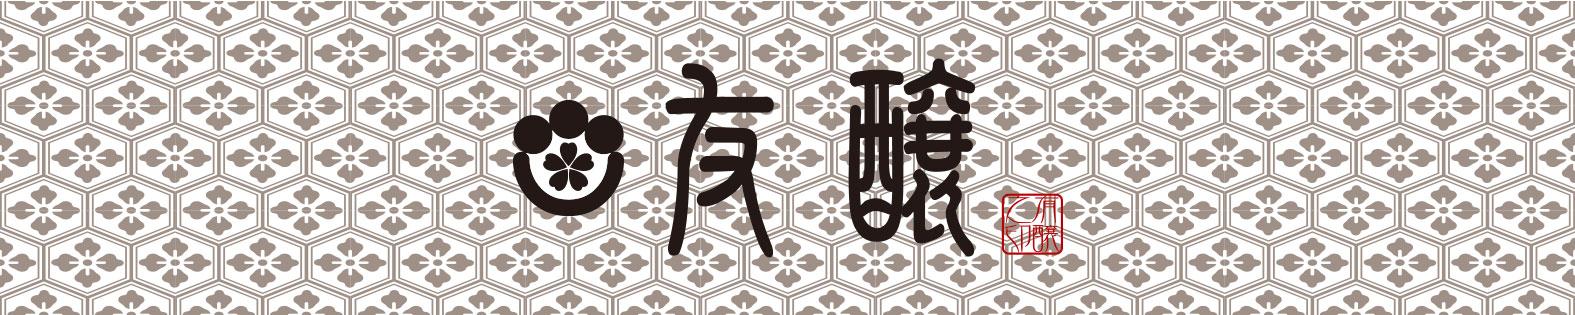 【日本酒】 琵琶のさゝ浪 梅ラベル 中取り 純米 無濾過生酒 八反錦 限定 新酒25BY_e0173738_1023955.jpg